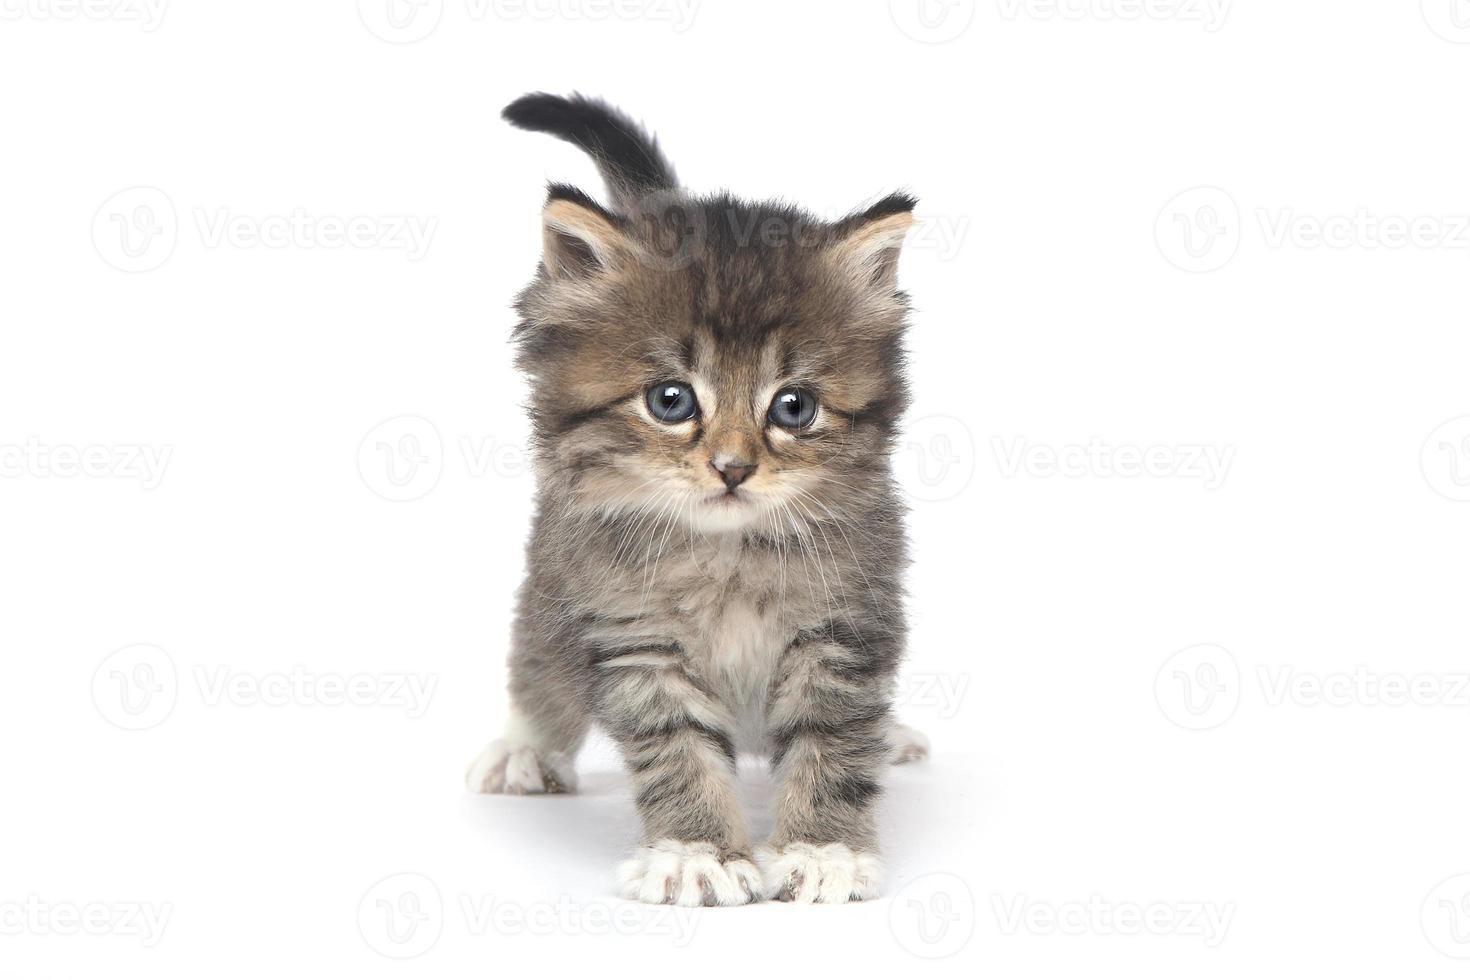 süßes kleines Kätzchen auf weißem Hintergrund foto